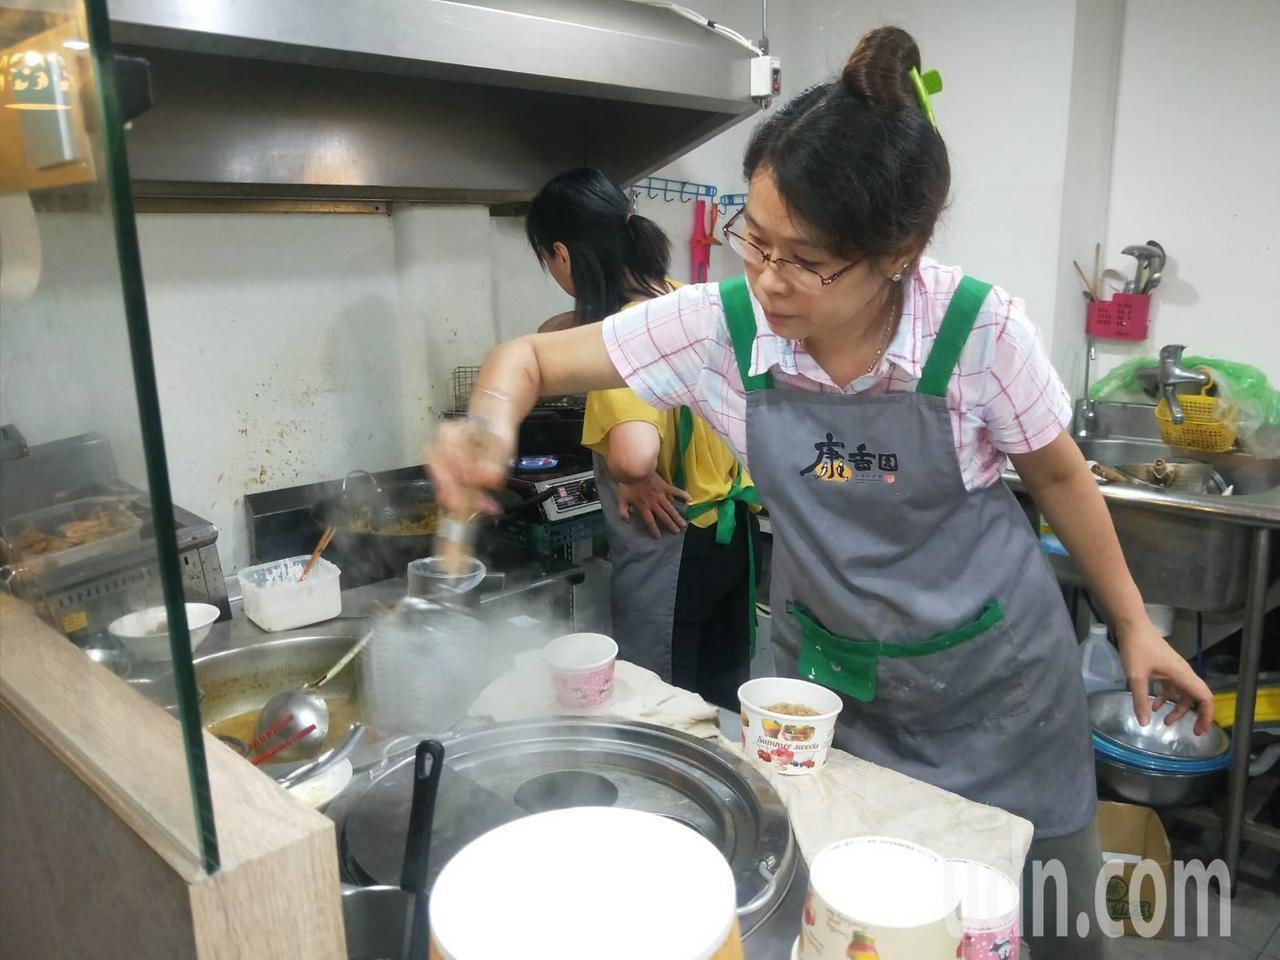 老闆娘熊海莉愛煮魚湯麵給朋友吃,後來索性開店賣魚湯麵。記者游明煌/攝影